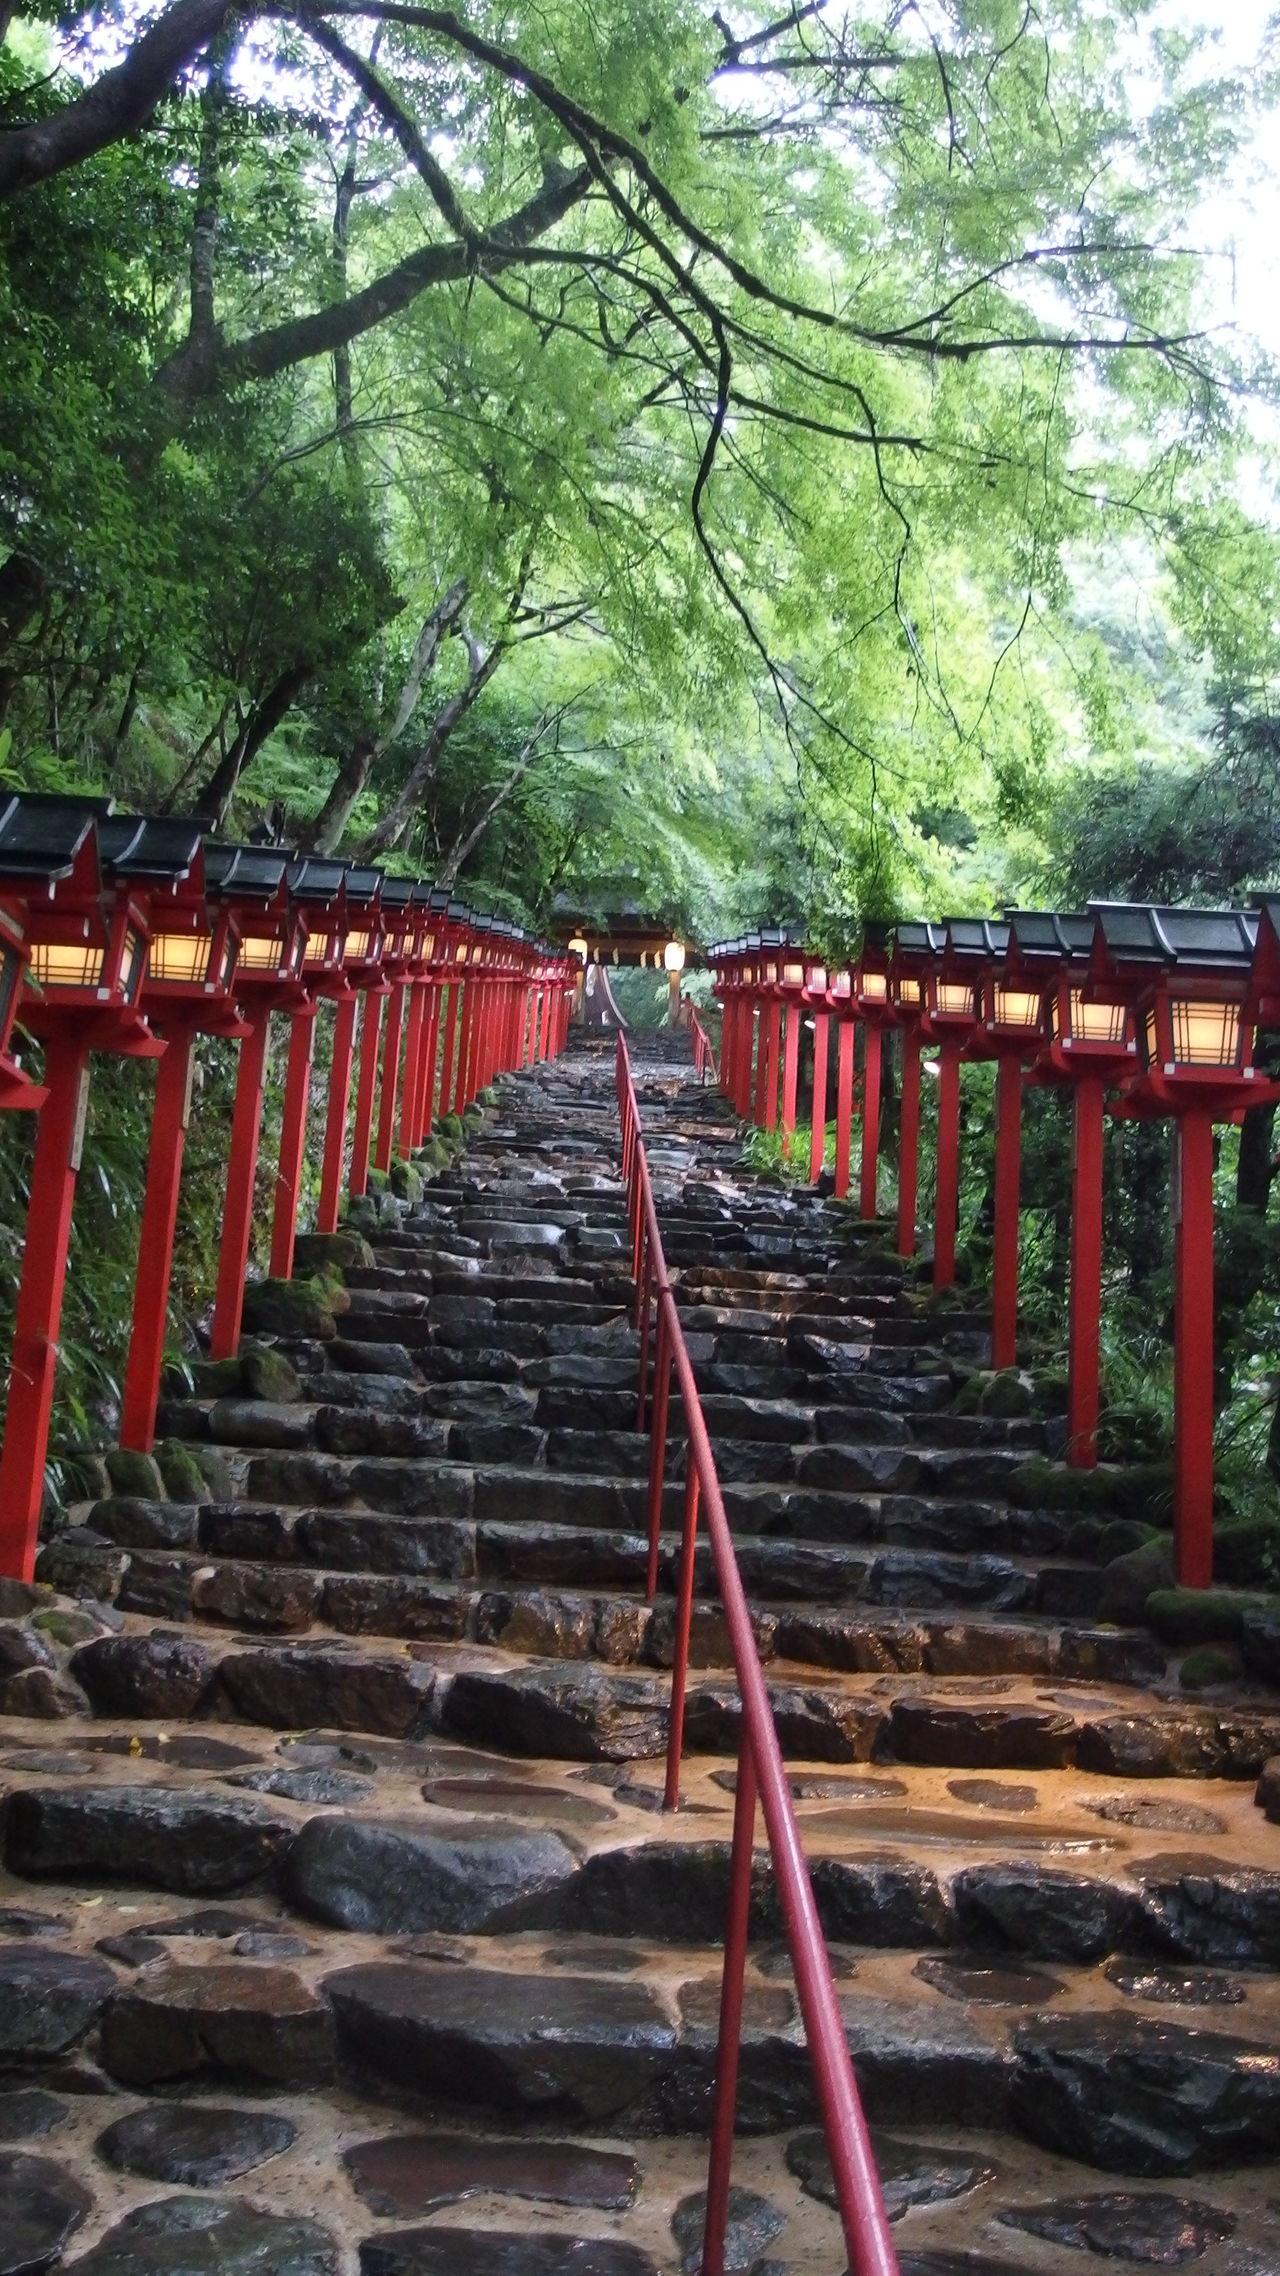 Japan 京都 貴船神社 Kyouto